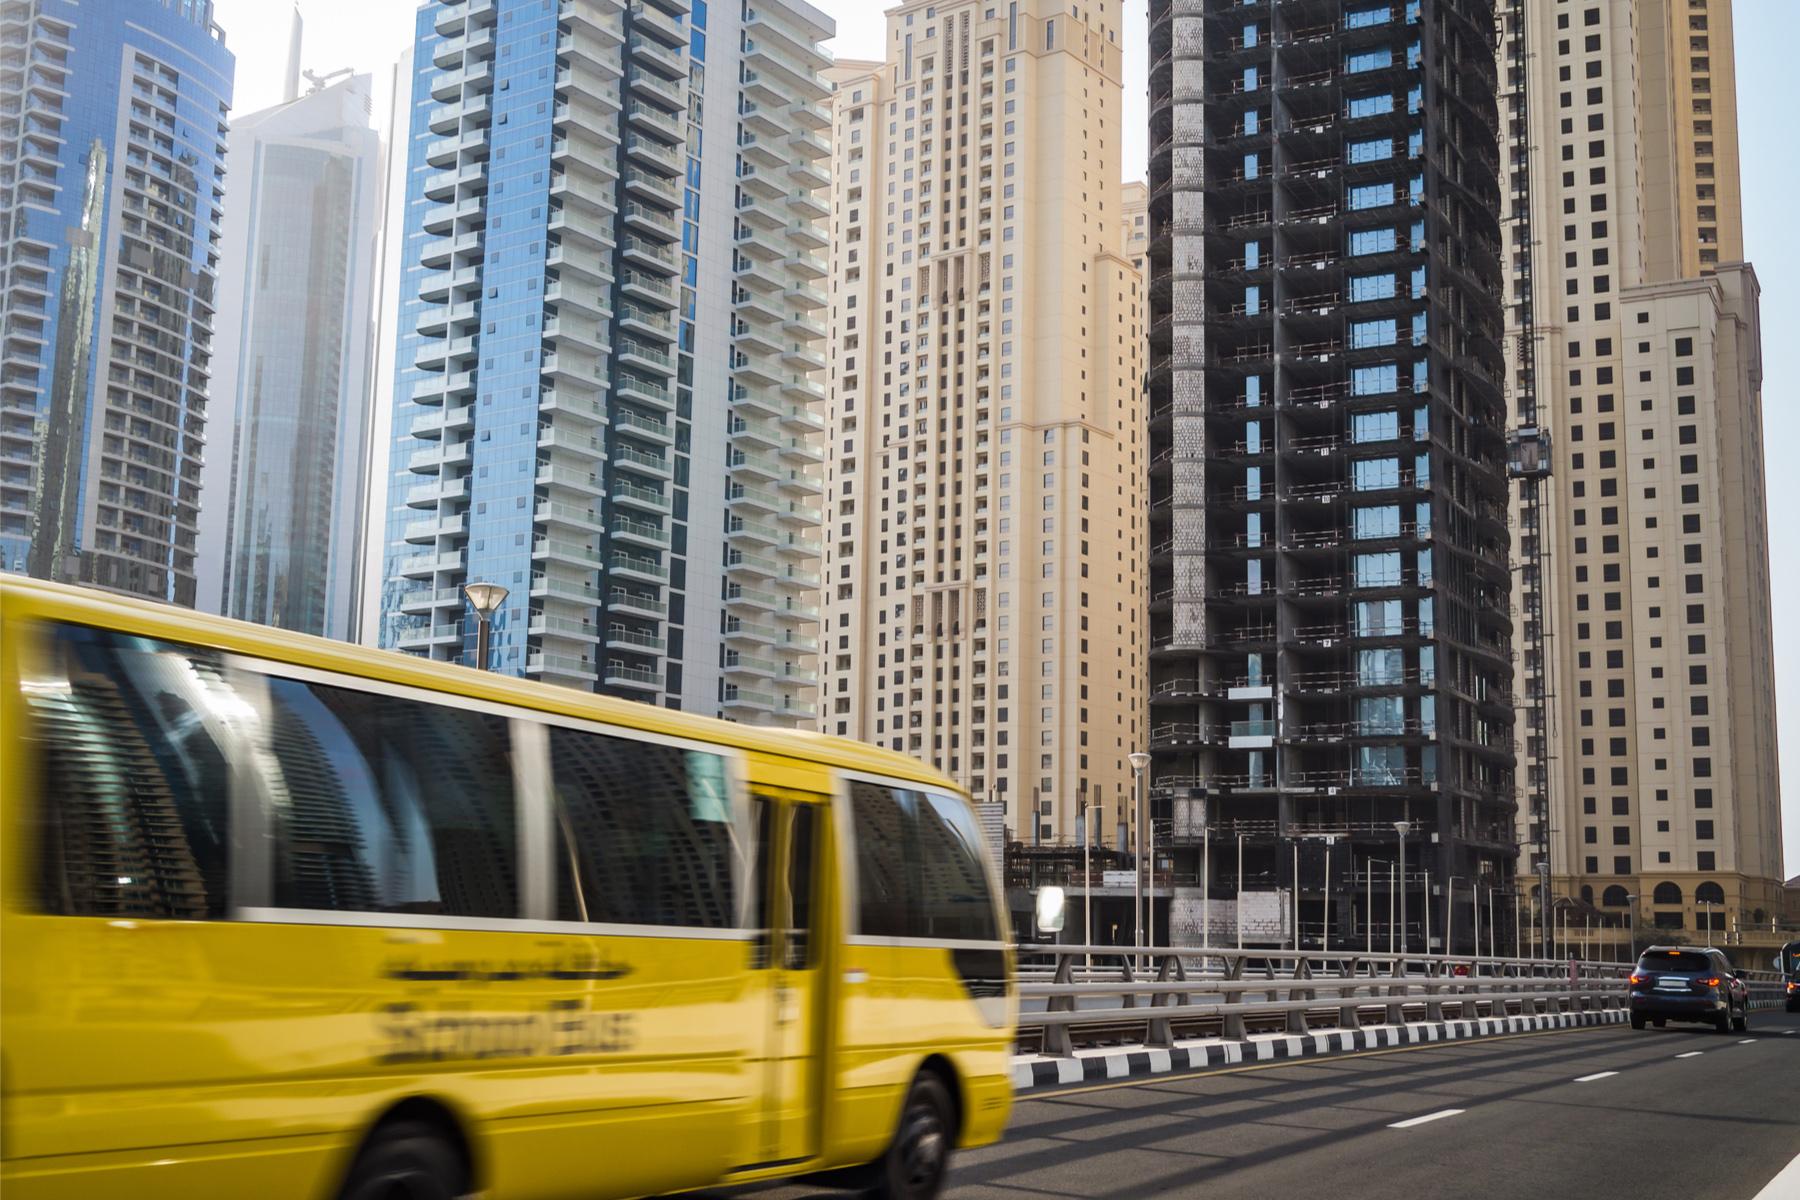 School bus in Dubai